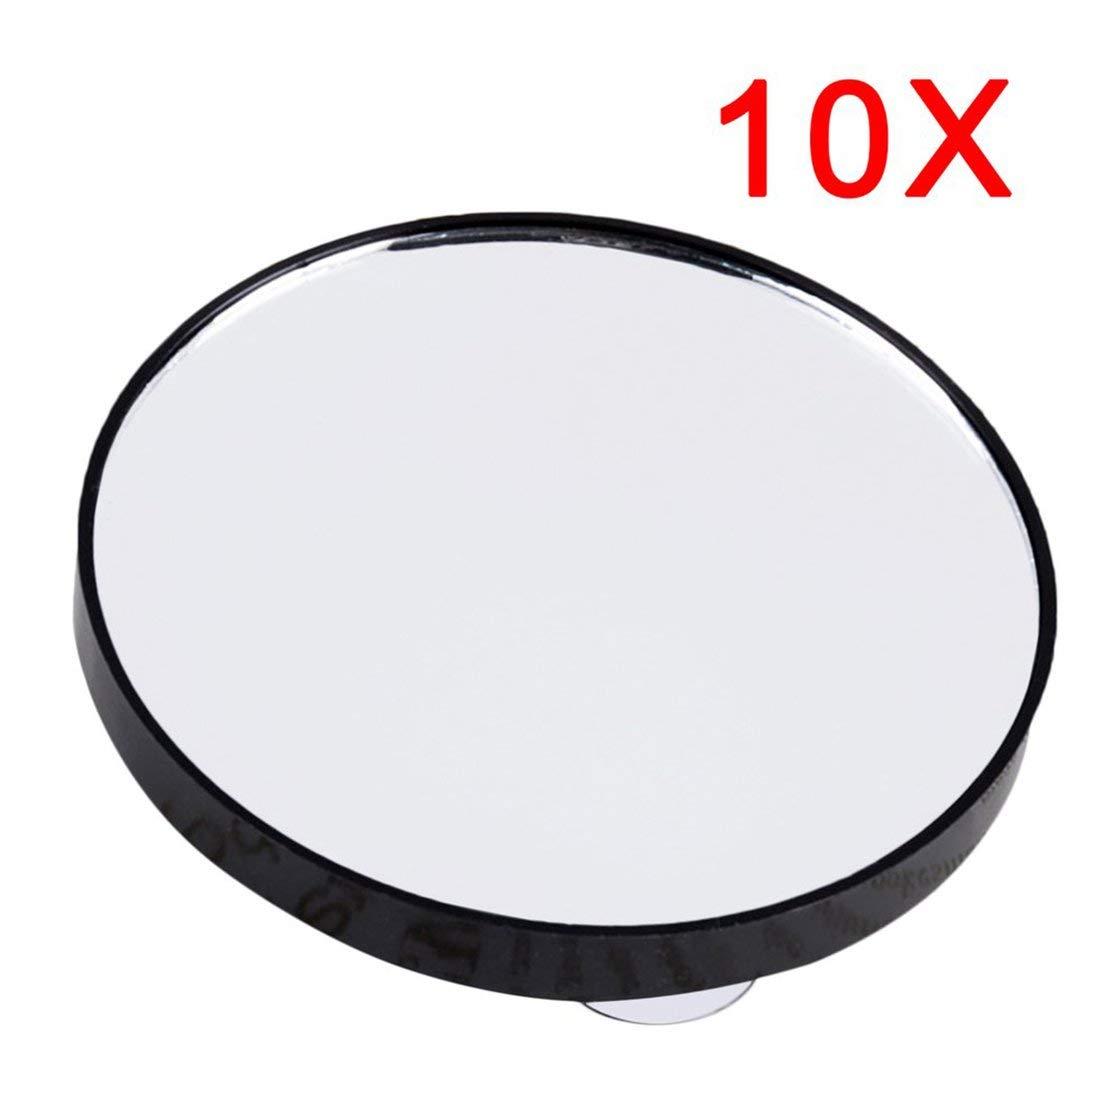 Miroir de maquillage vanité 5X 10 X 15 miroir grossissant avec deux ventouses cosmétique outils mini miroir rond salle de bain miroir Gwendoll